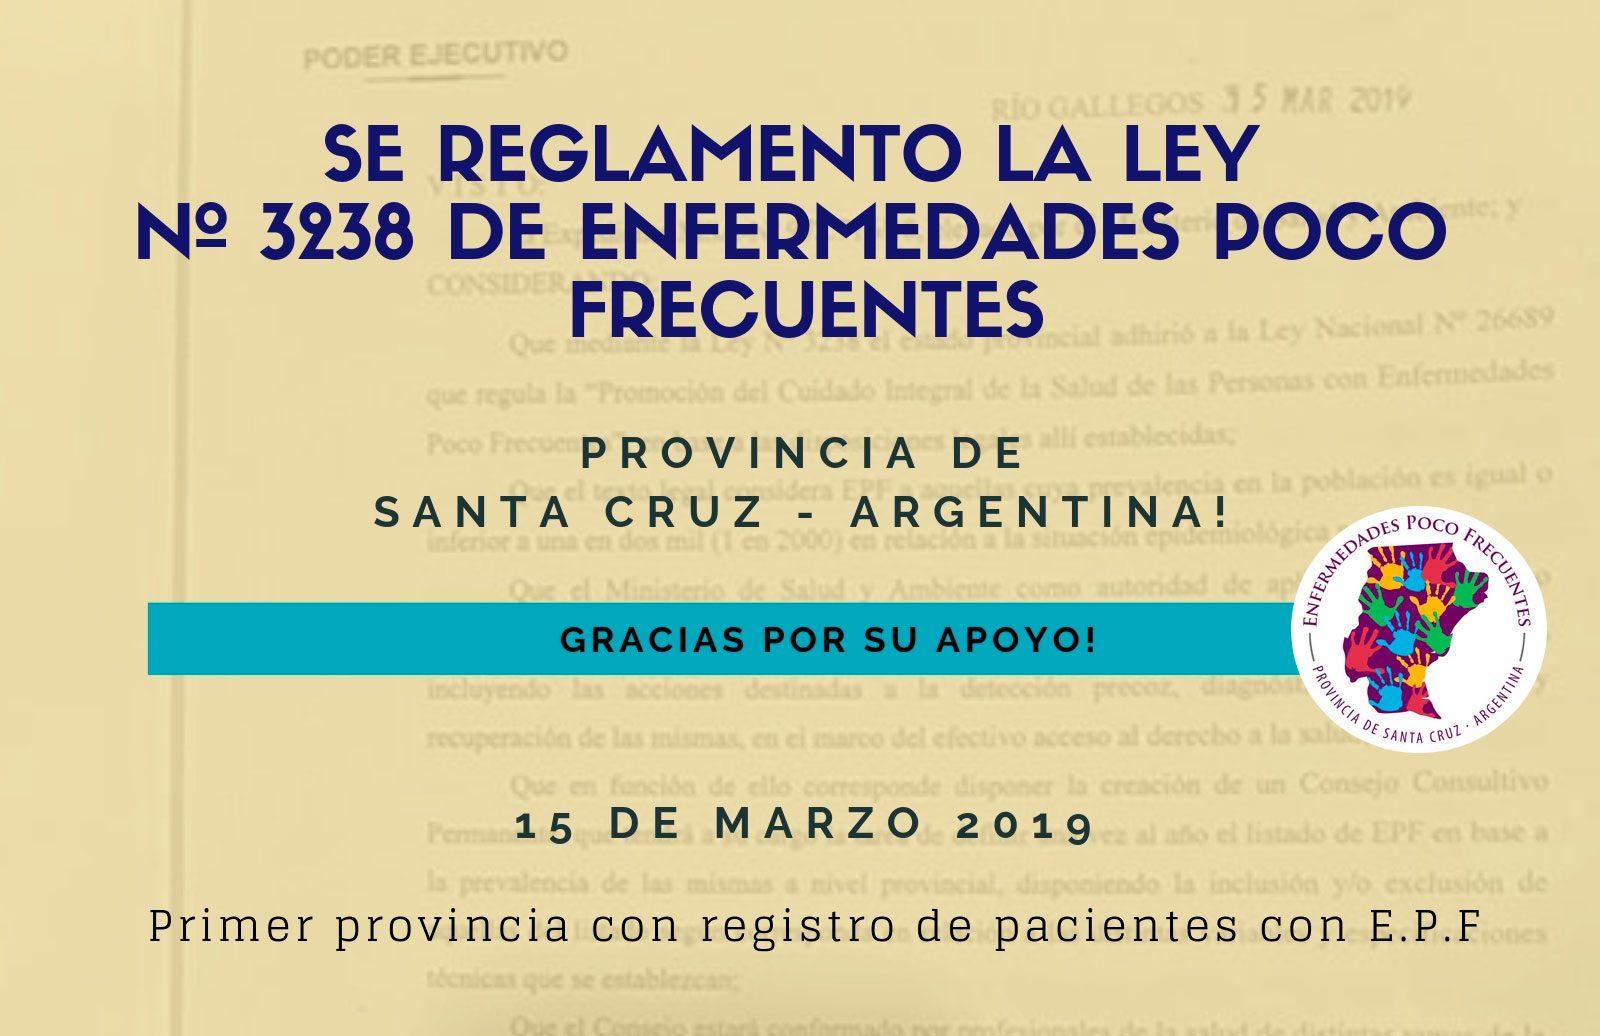 SE-REGLAMENTO-LA-LEY-3238-DE-ENFERMEDADES-POCO-FRECUENTES-EN-LA-PROVINCIA-DE-SANTA-CRUZ!